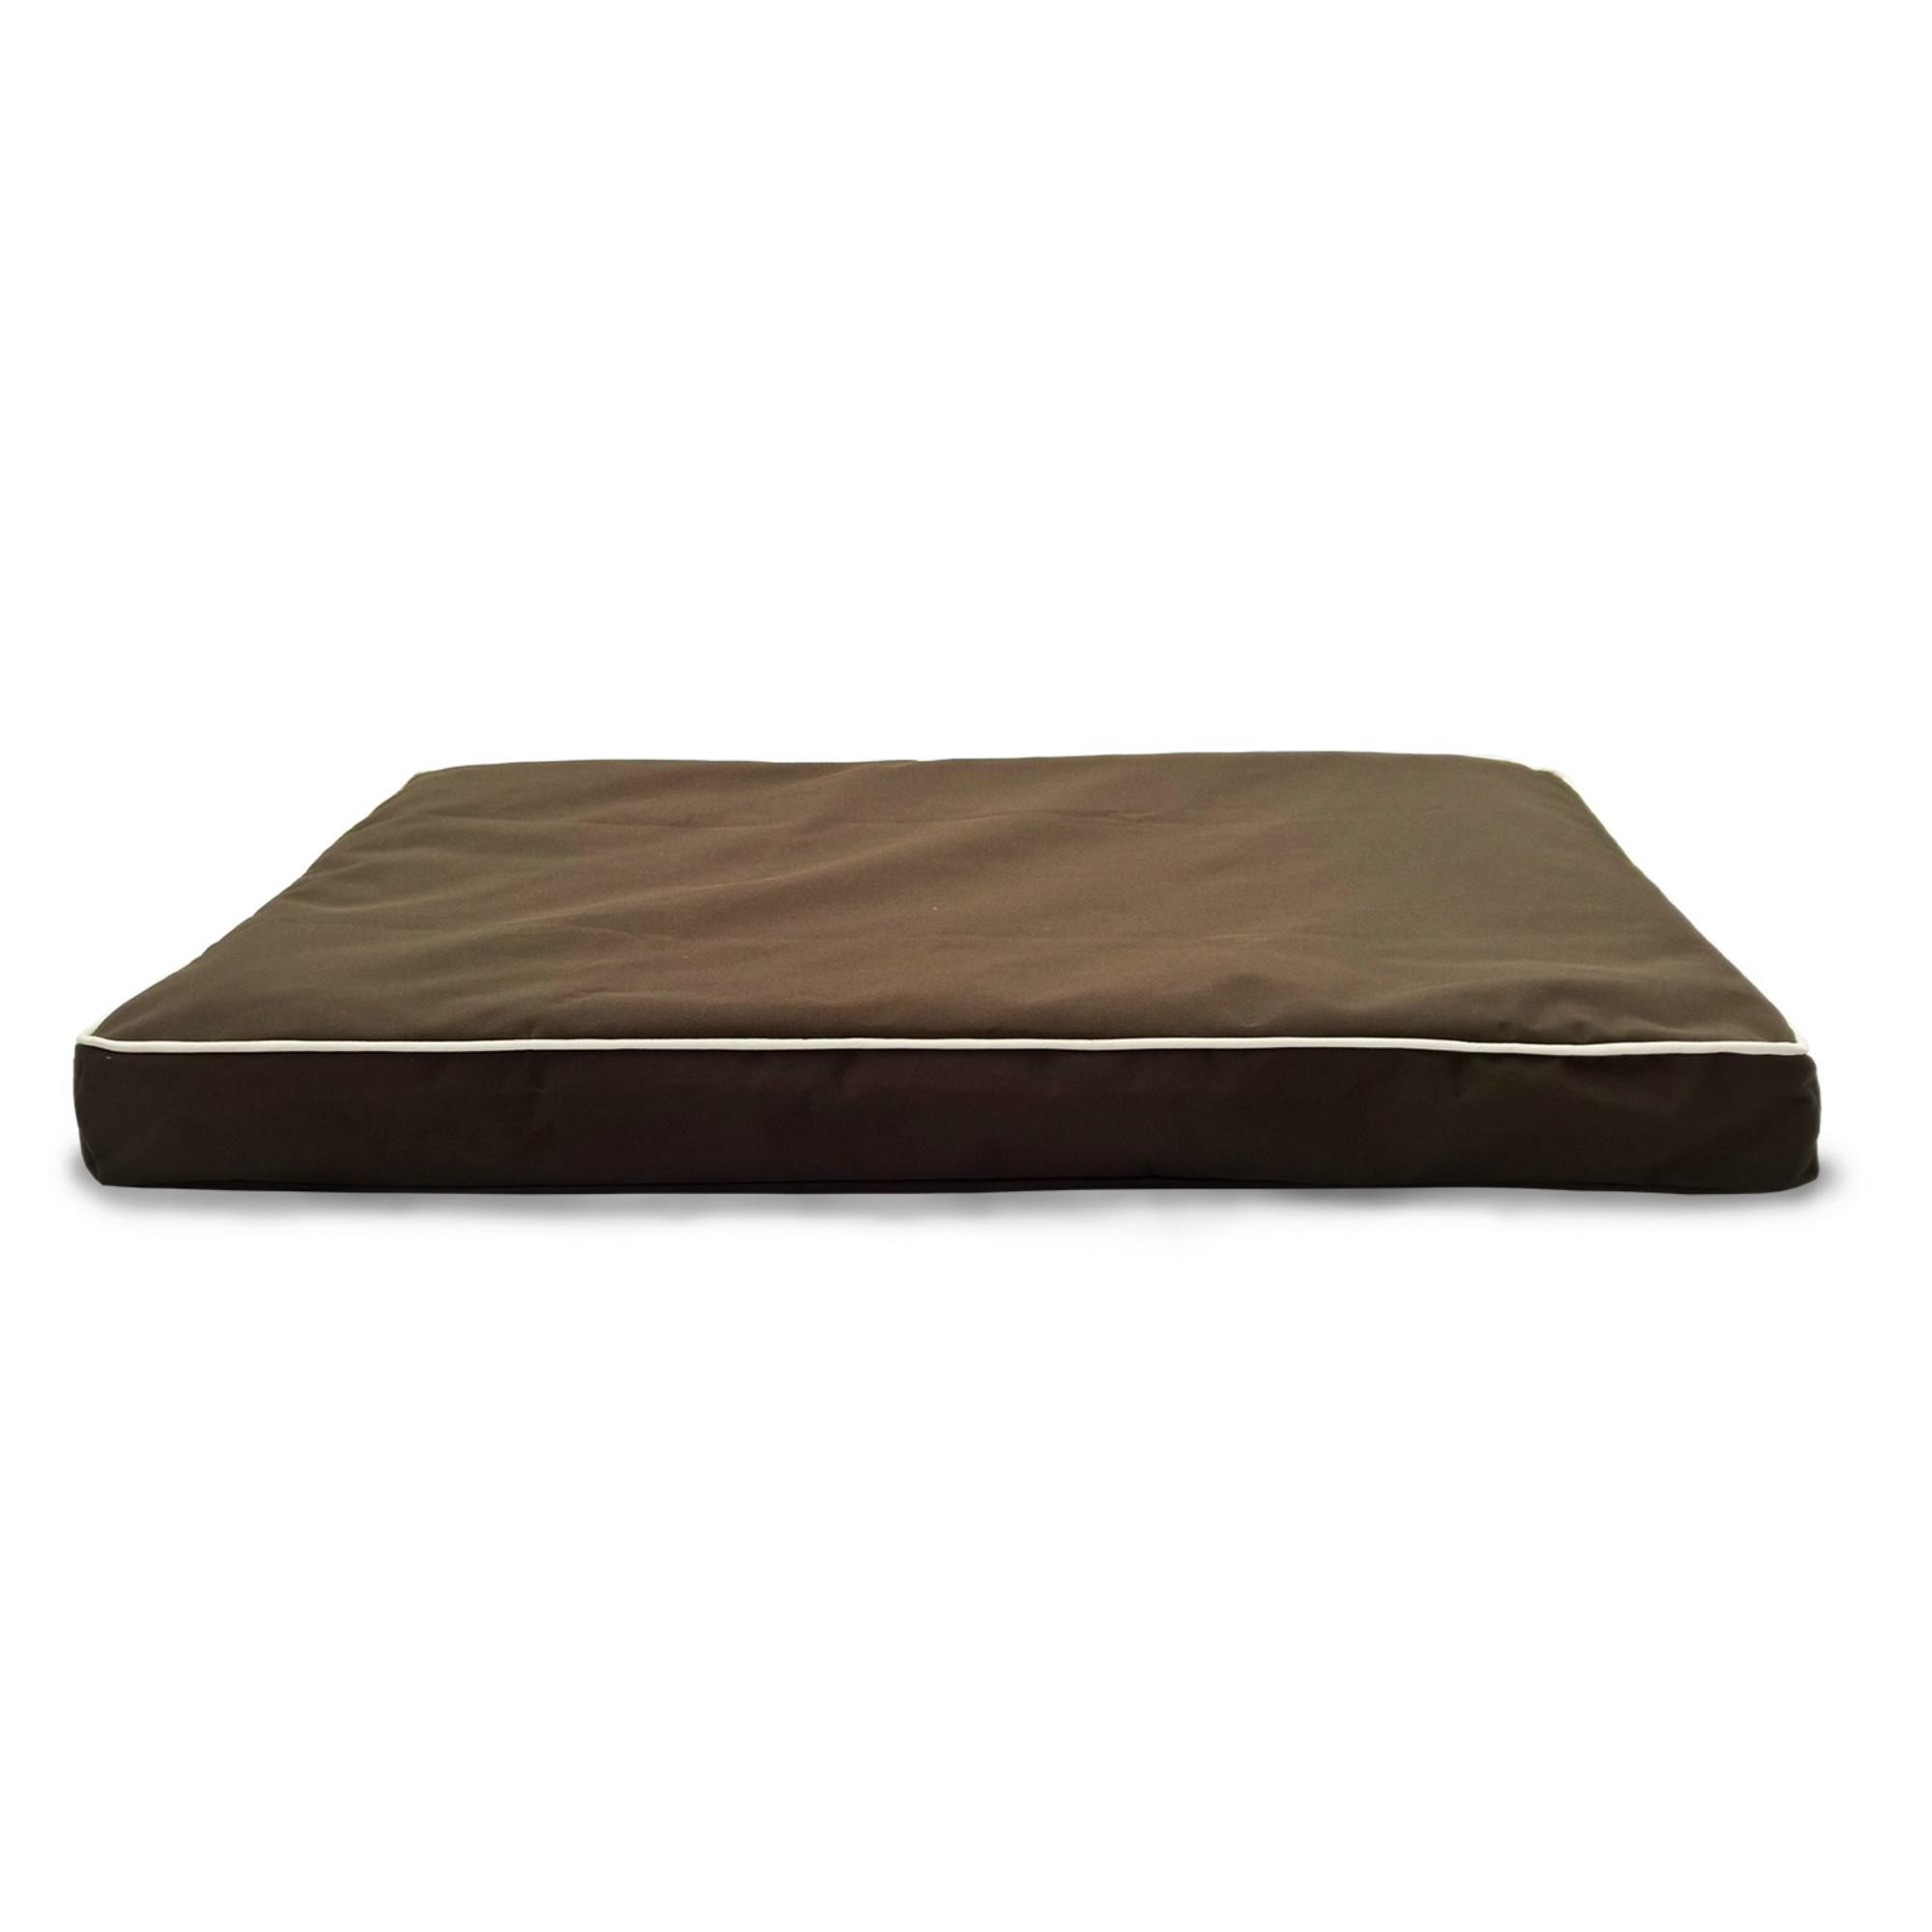 FurHaven Deluxe Indoor/Outdoor Solid Orthopedic Pet Bed - Espresso